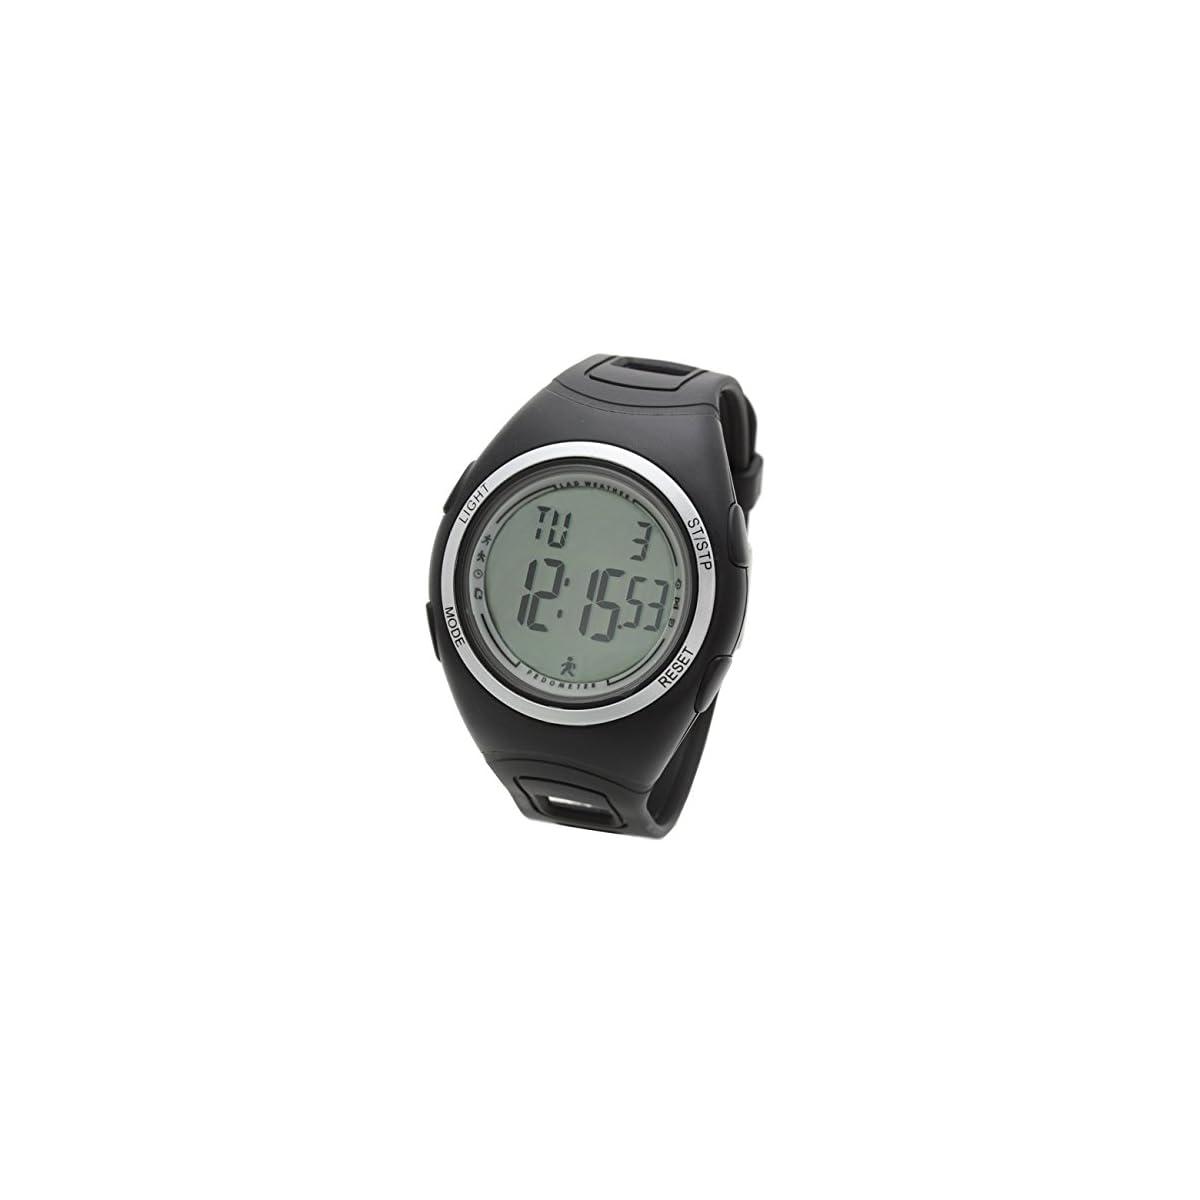 51 14G39%2ByL. SS1200  - Lad Weather Podómetro Cronómetro Calorías Monitor de Actividad Física Reloj Running Fitness Deportes al Aire Libre